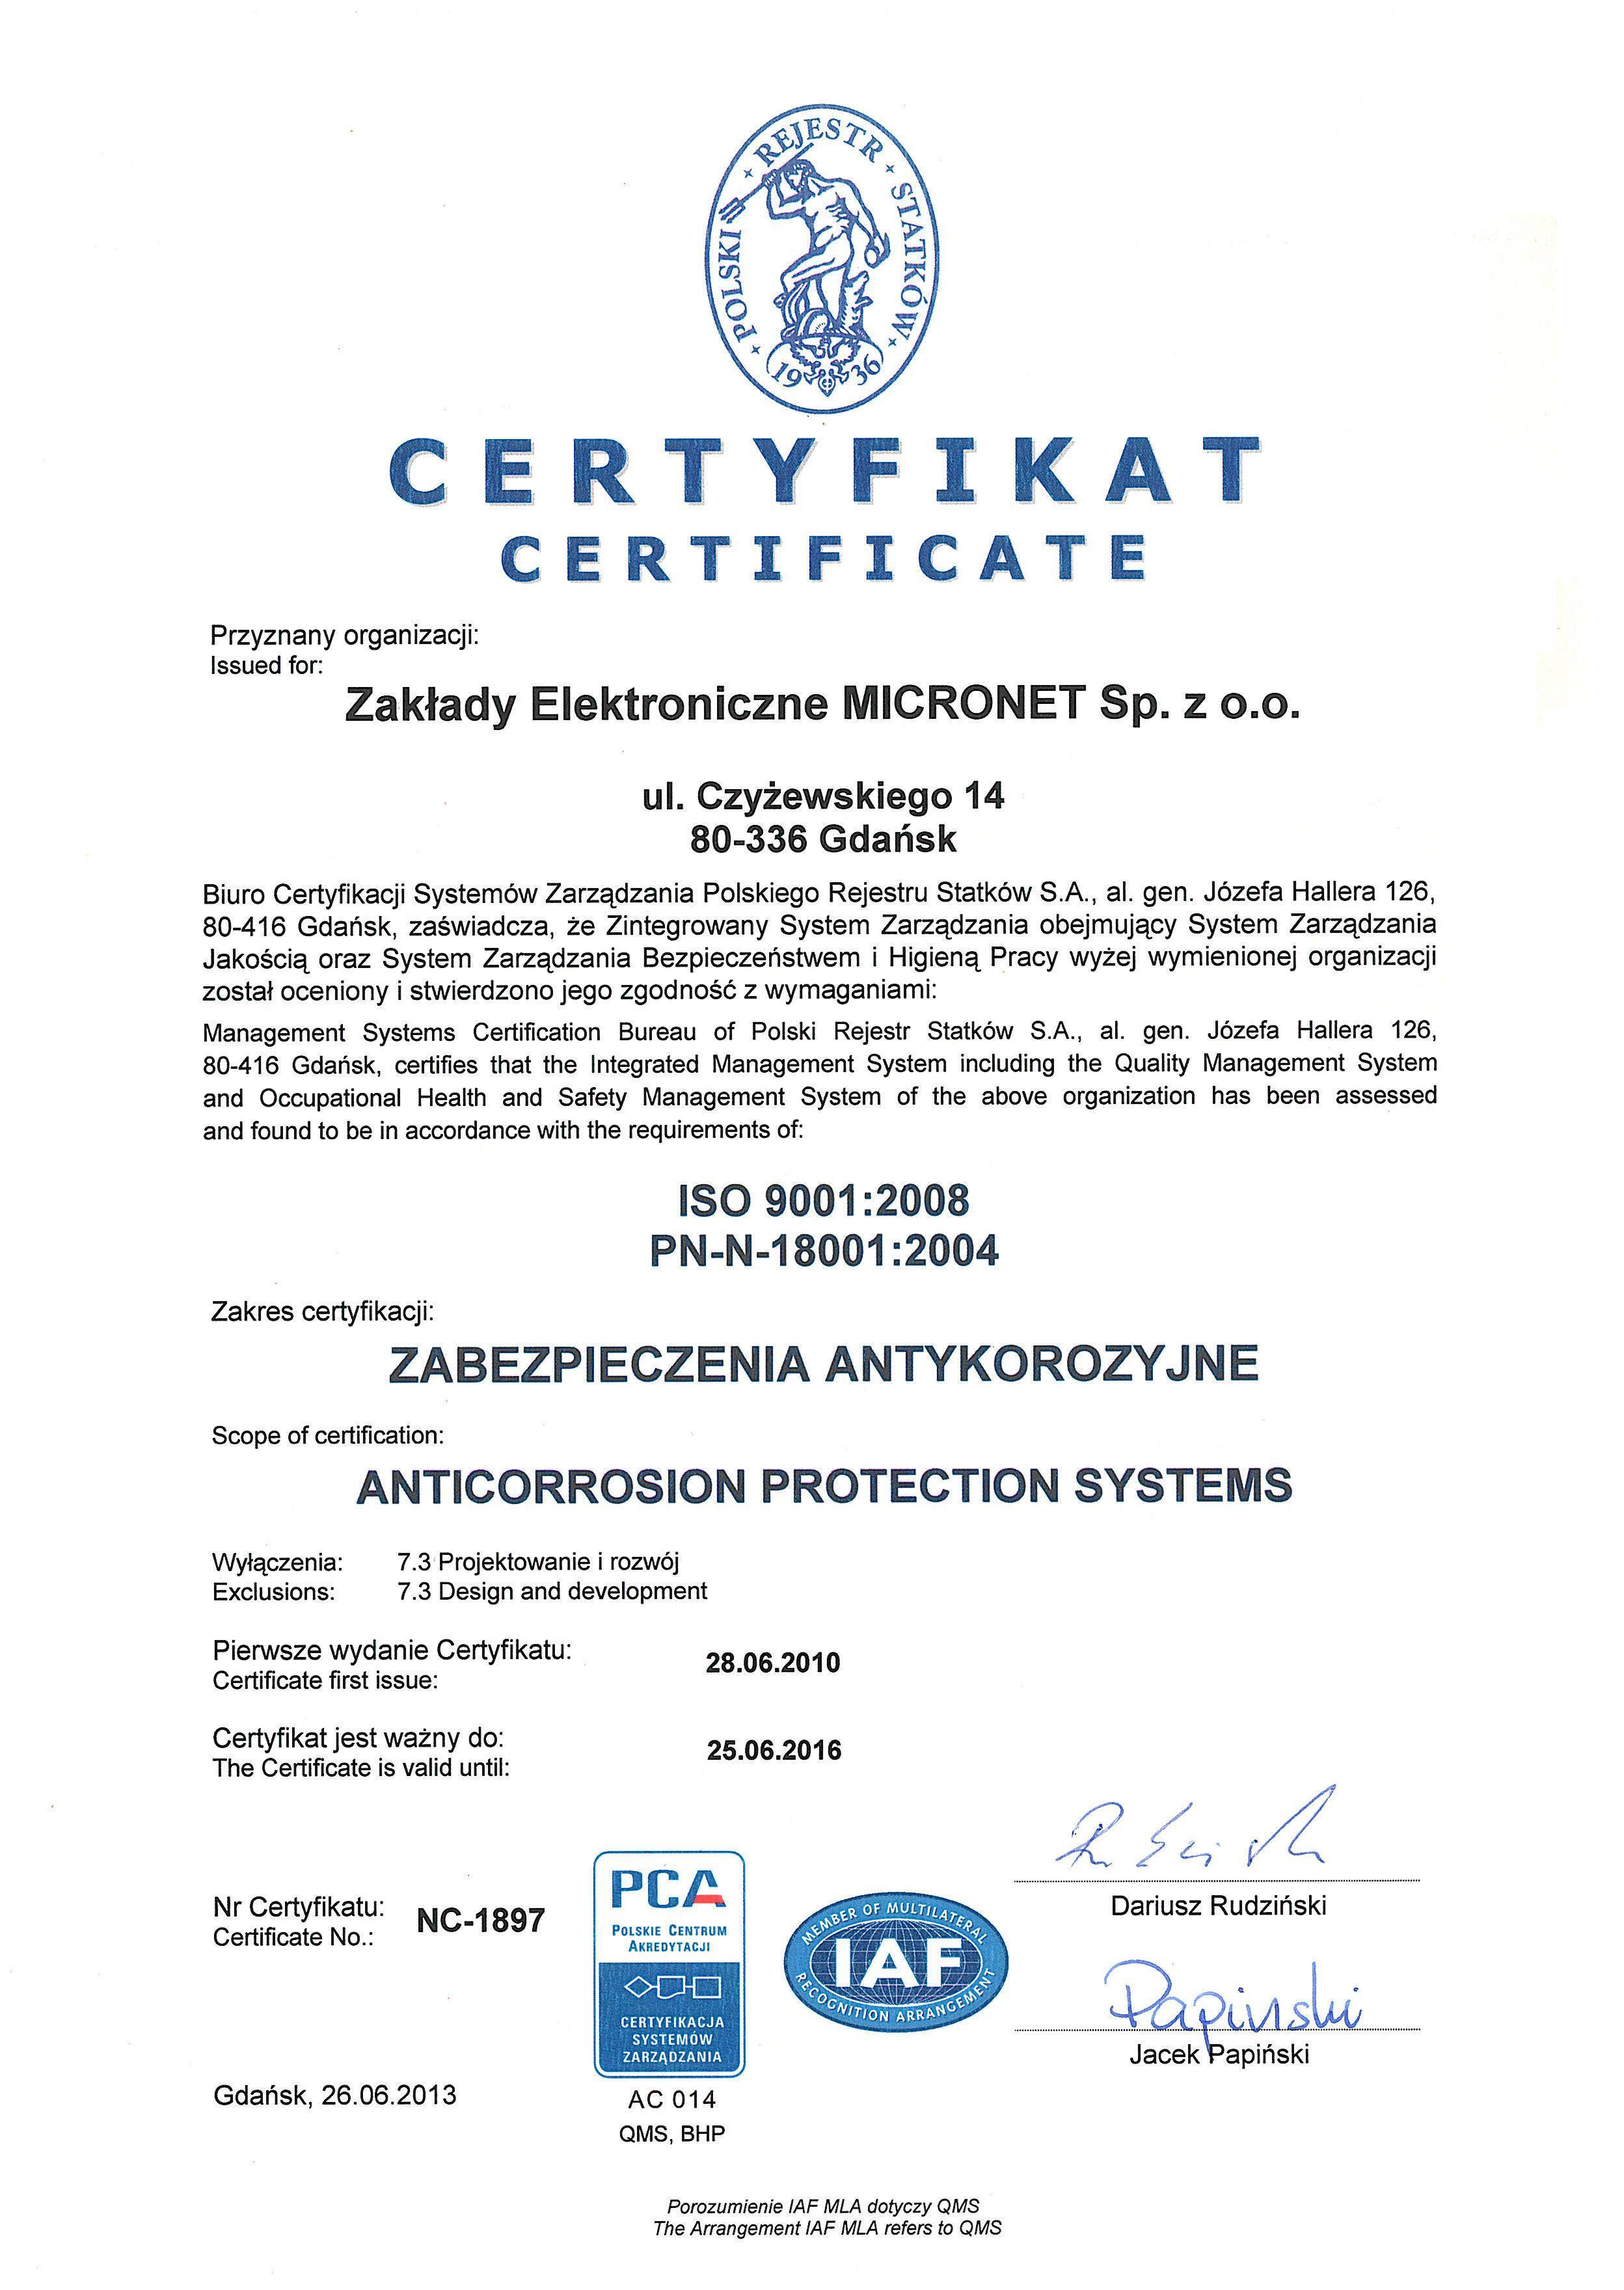 Certyfikat ISO 9001:2008 PN-N-18001:2004